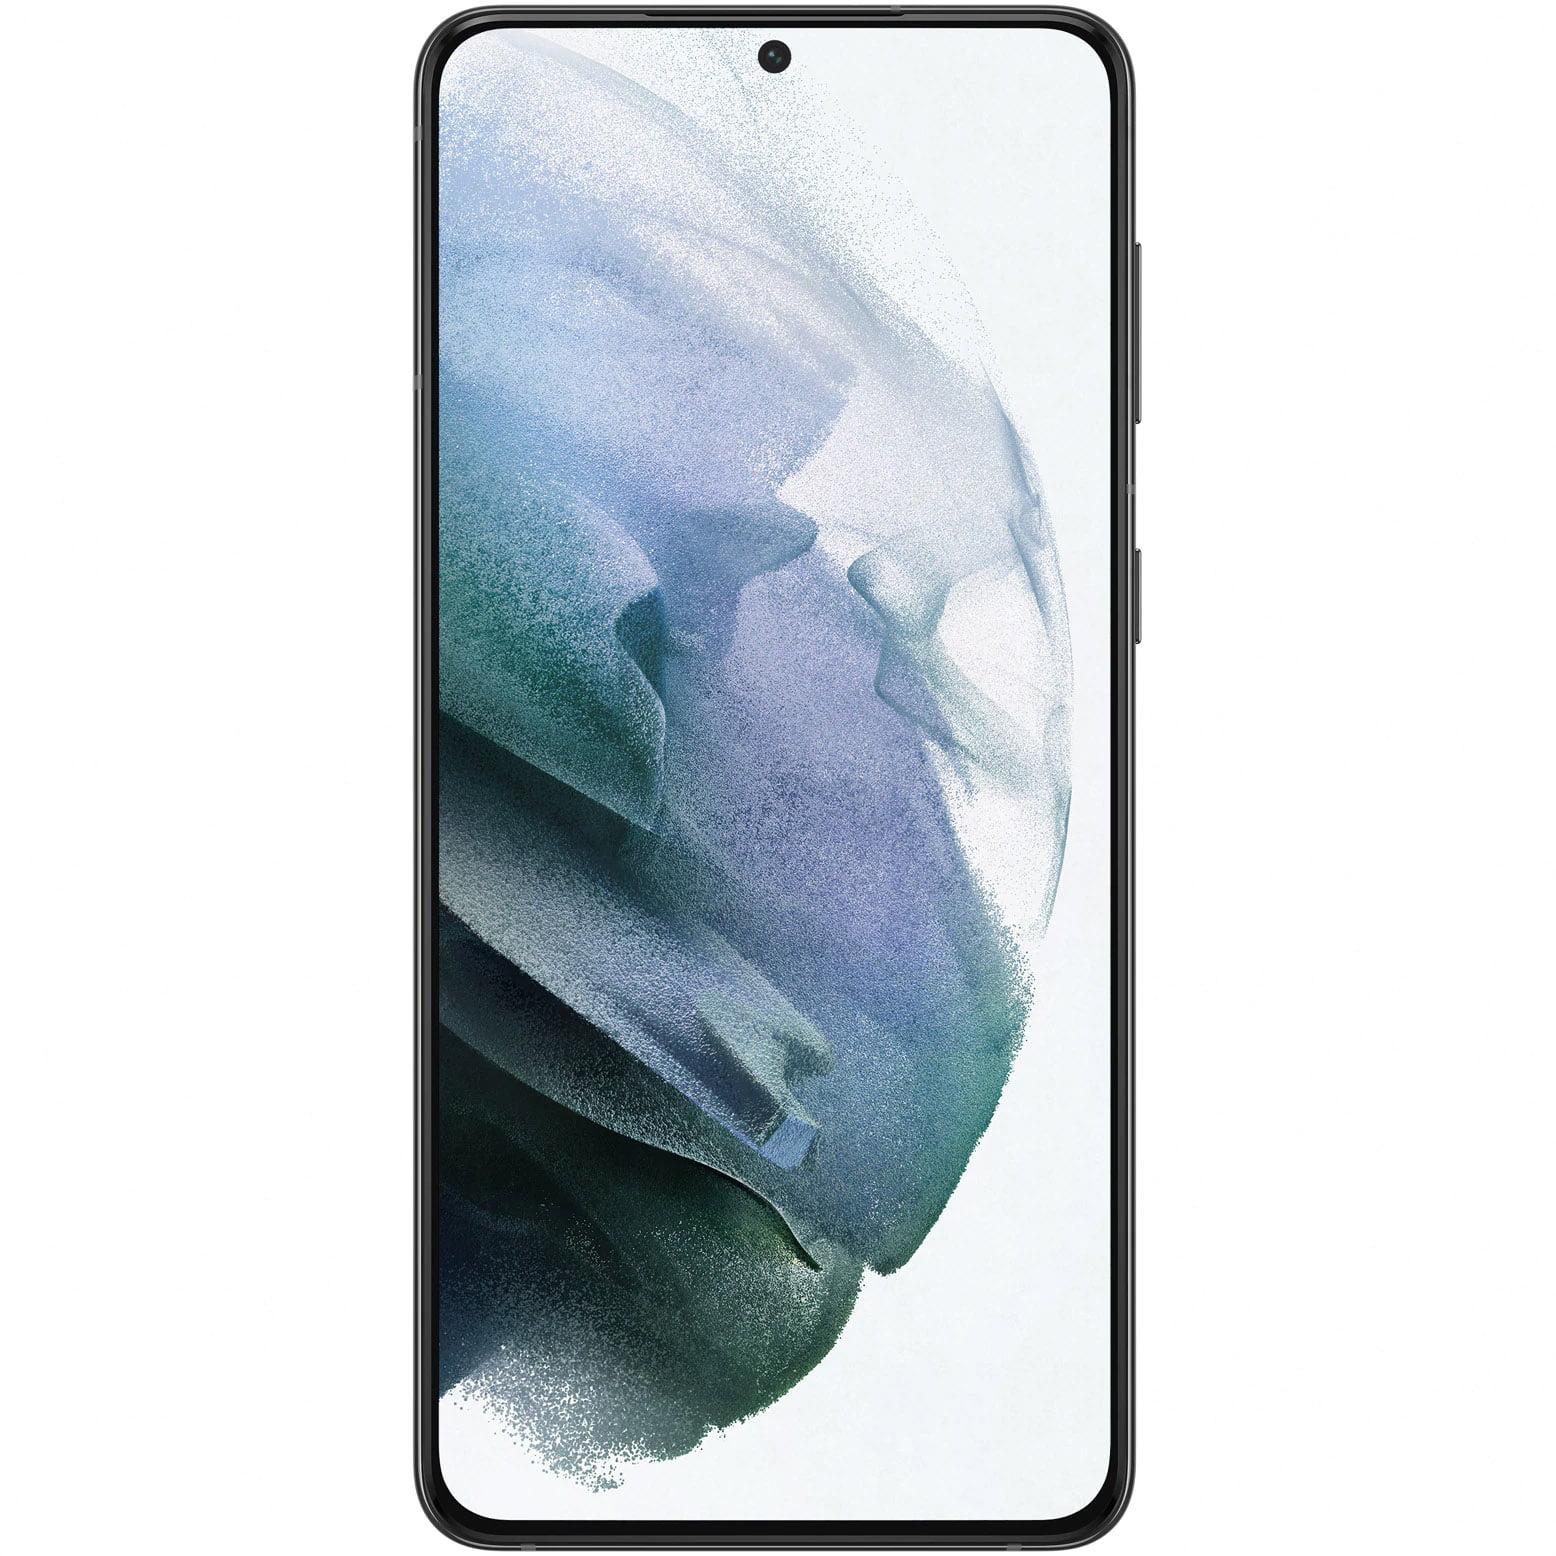 Telefon mobil Samsung Galaxy S21 Plus, Dual SIM, 128GB, 8GB RAM, 5G, Phantom Black